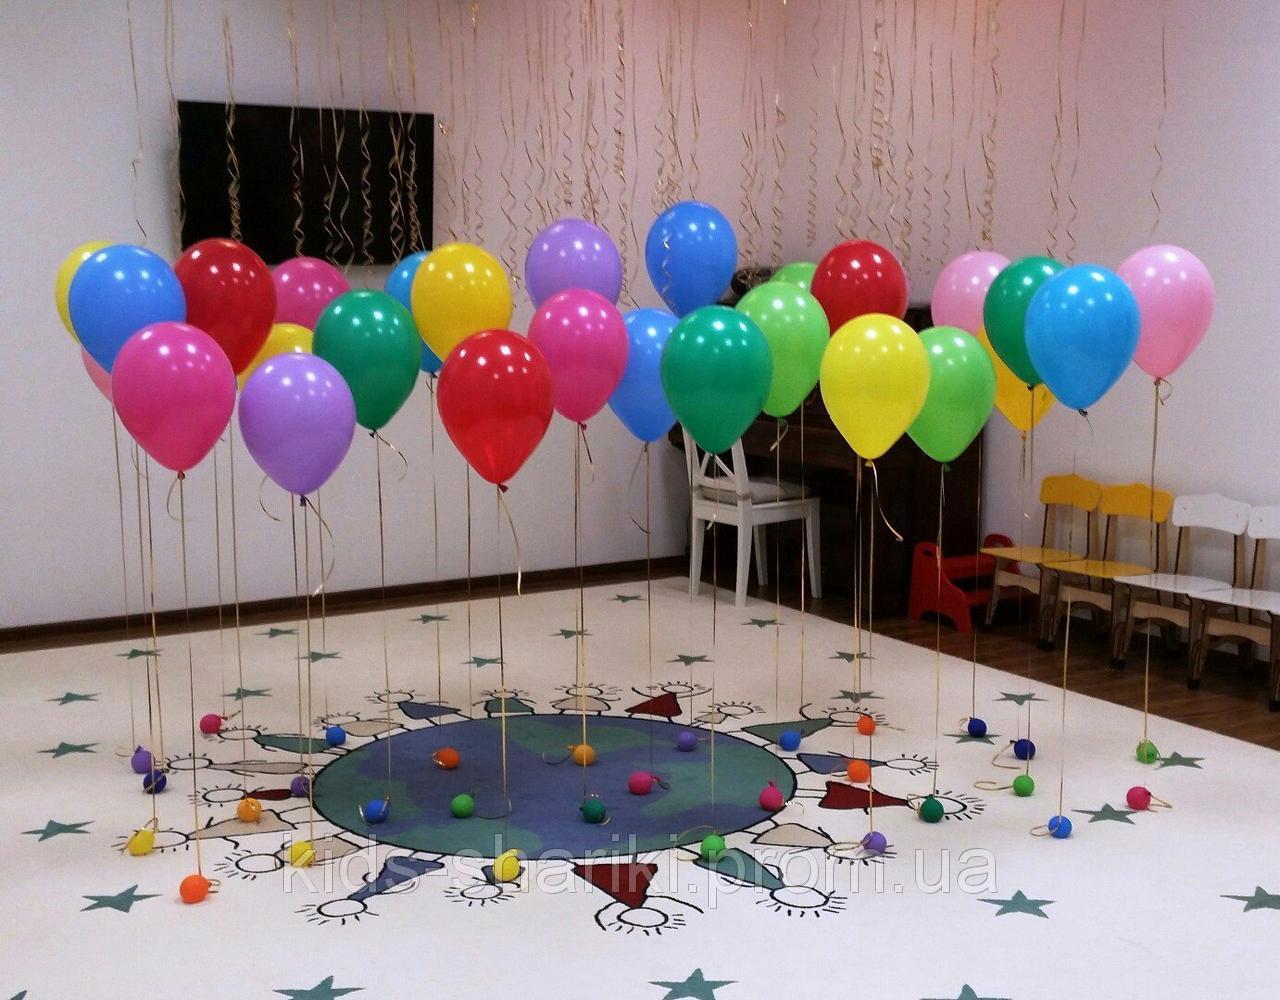 Какой сюрприз преподнести девушке на День Рождения? Лучшие идеи!